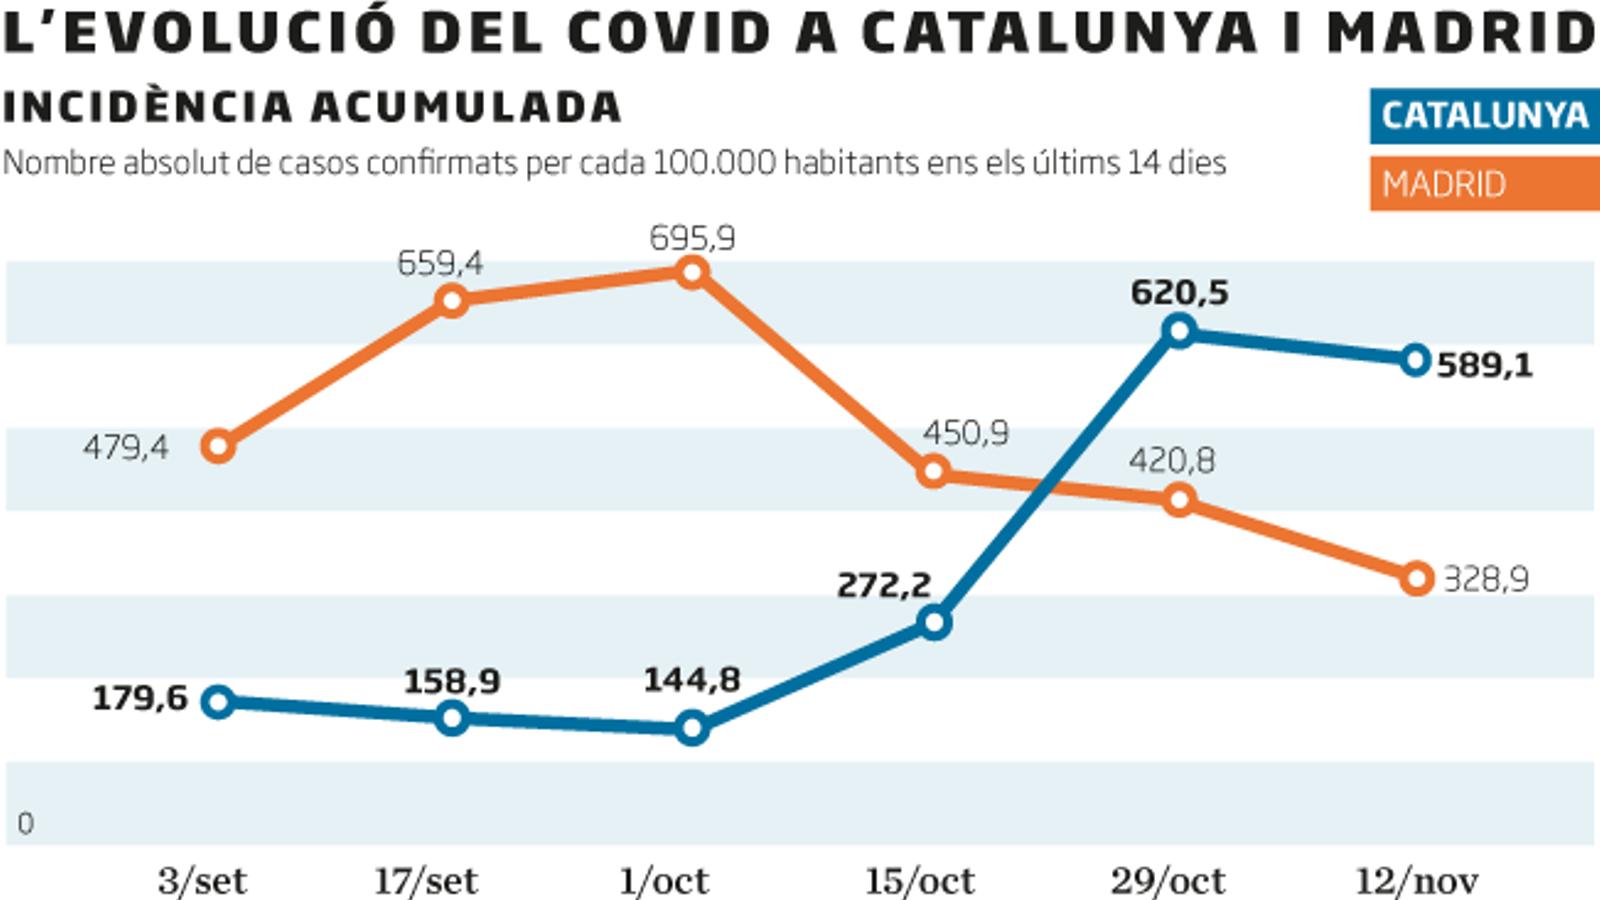 Dubtes sobre la baixada real de contagis a Madrid